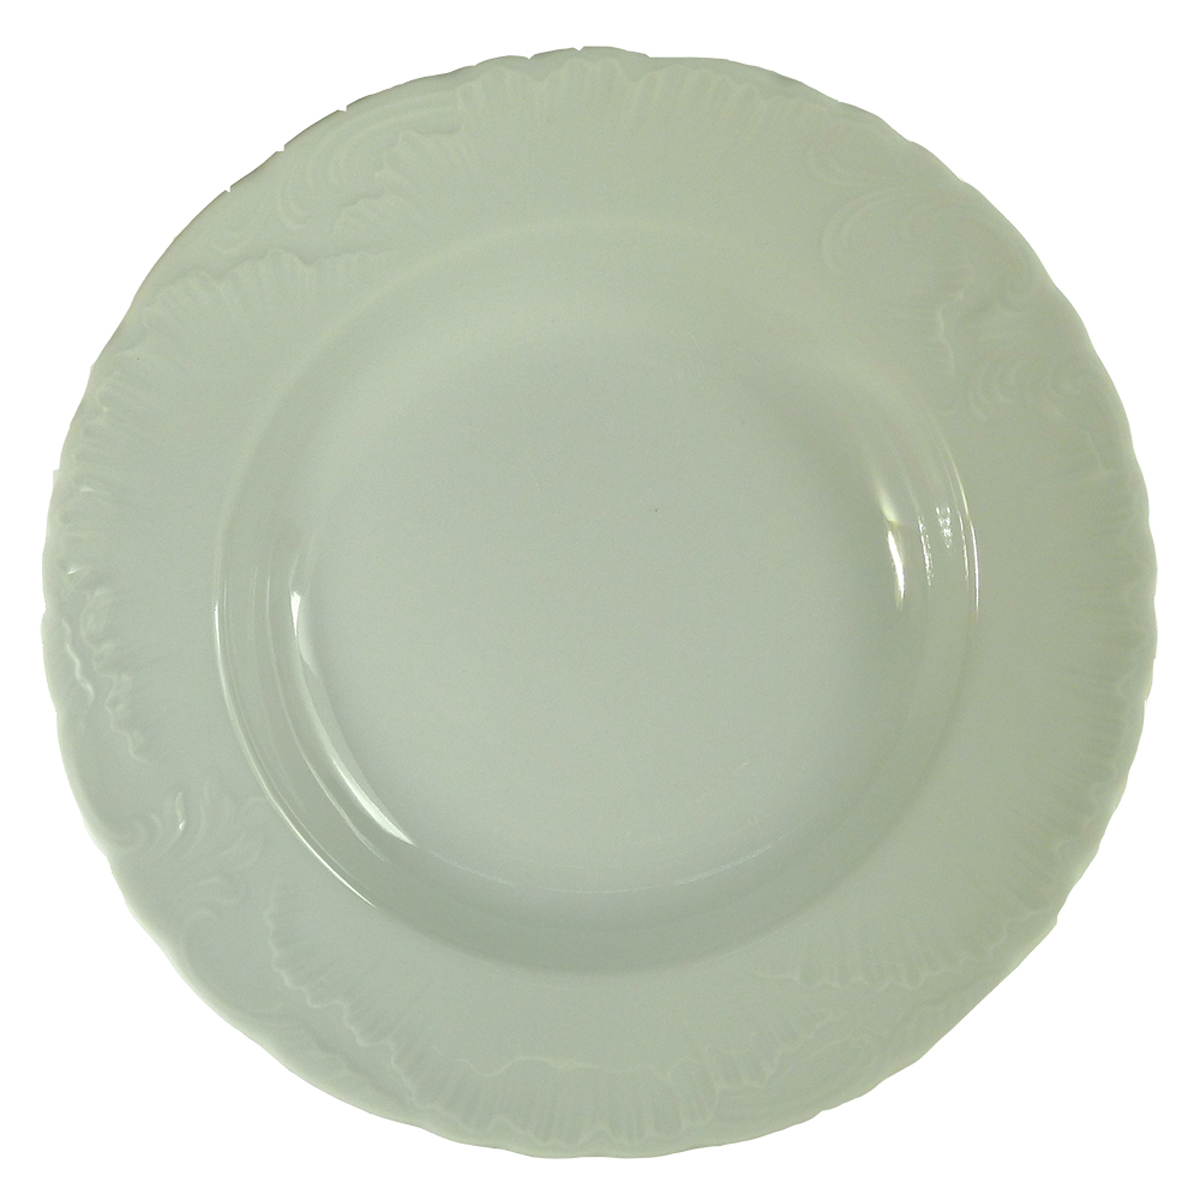 """Тарелка суповая Cmielow серии """"Rococo"""" - одна из старейших форм, производимых десятилетиями заводом """"Cmielow"""". Это пример """"исторической актуальности"""" заложенной в элегантную форму. Суповые тарелки 22,5 см. изготовлены из высококачественного польского фарфора."""